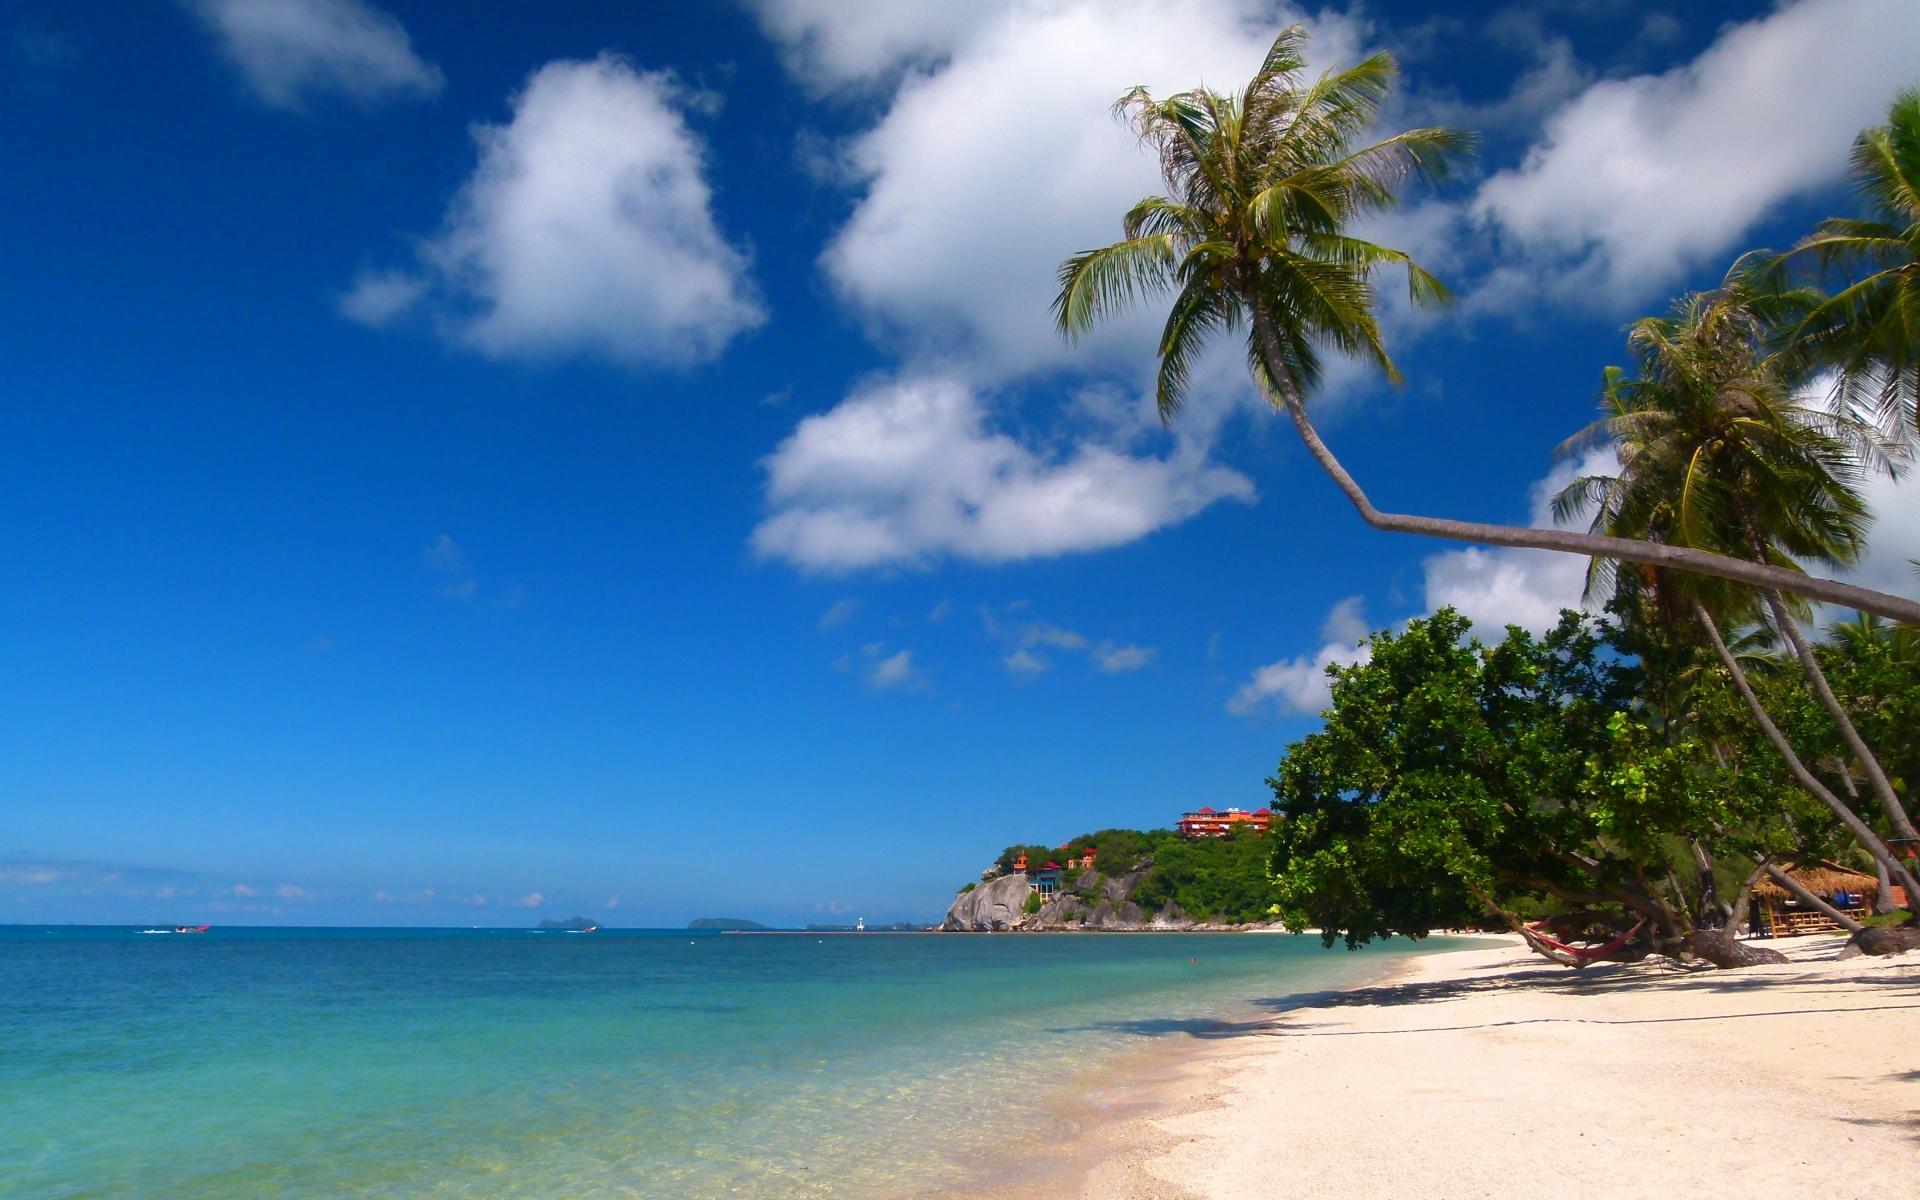 Картинки тропики, море, песок, пальмы фото и обои на рабочий стол